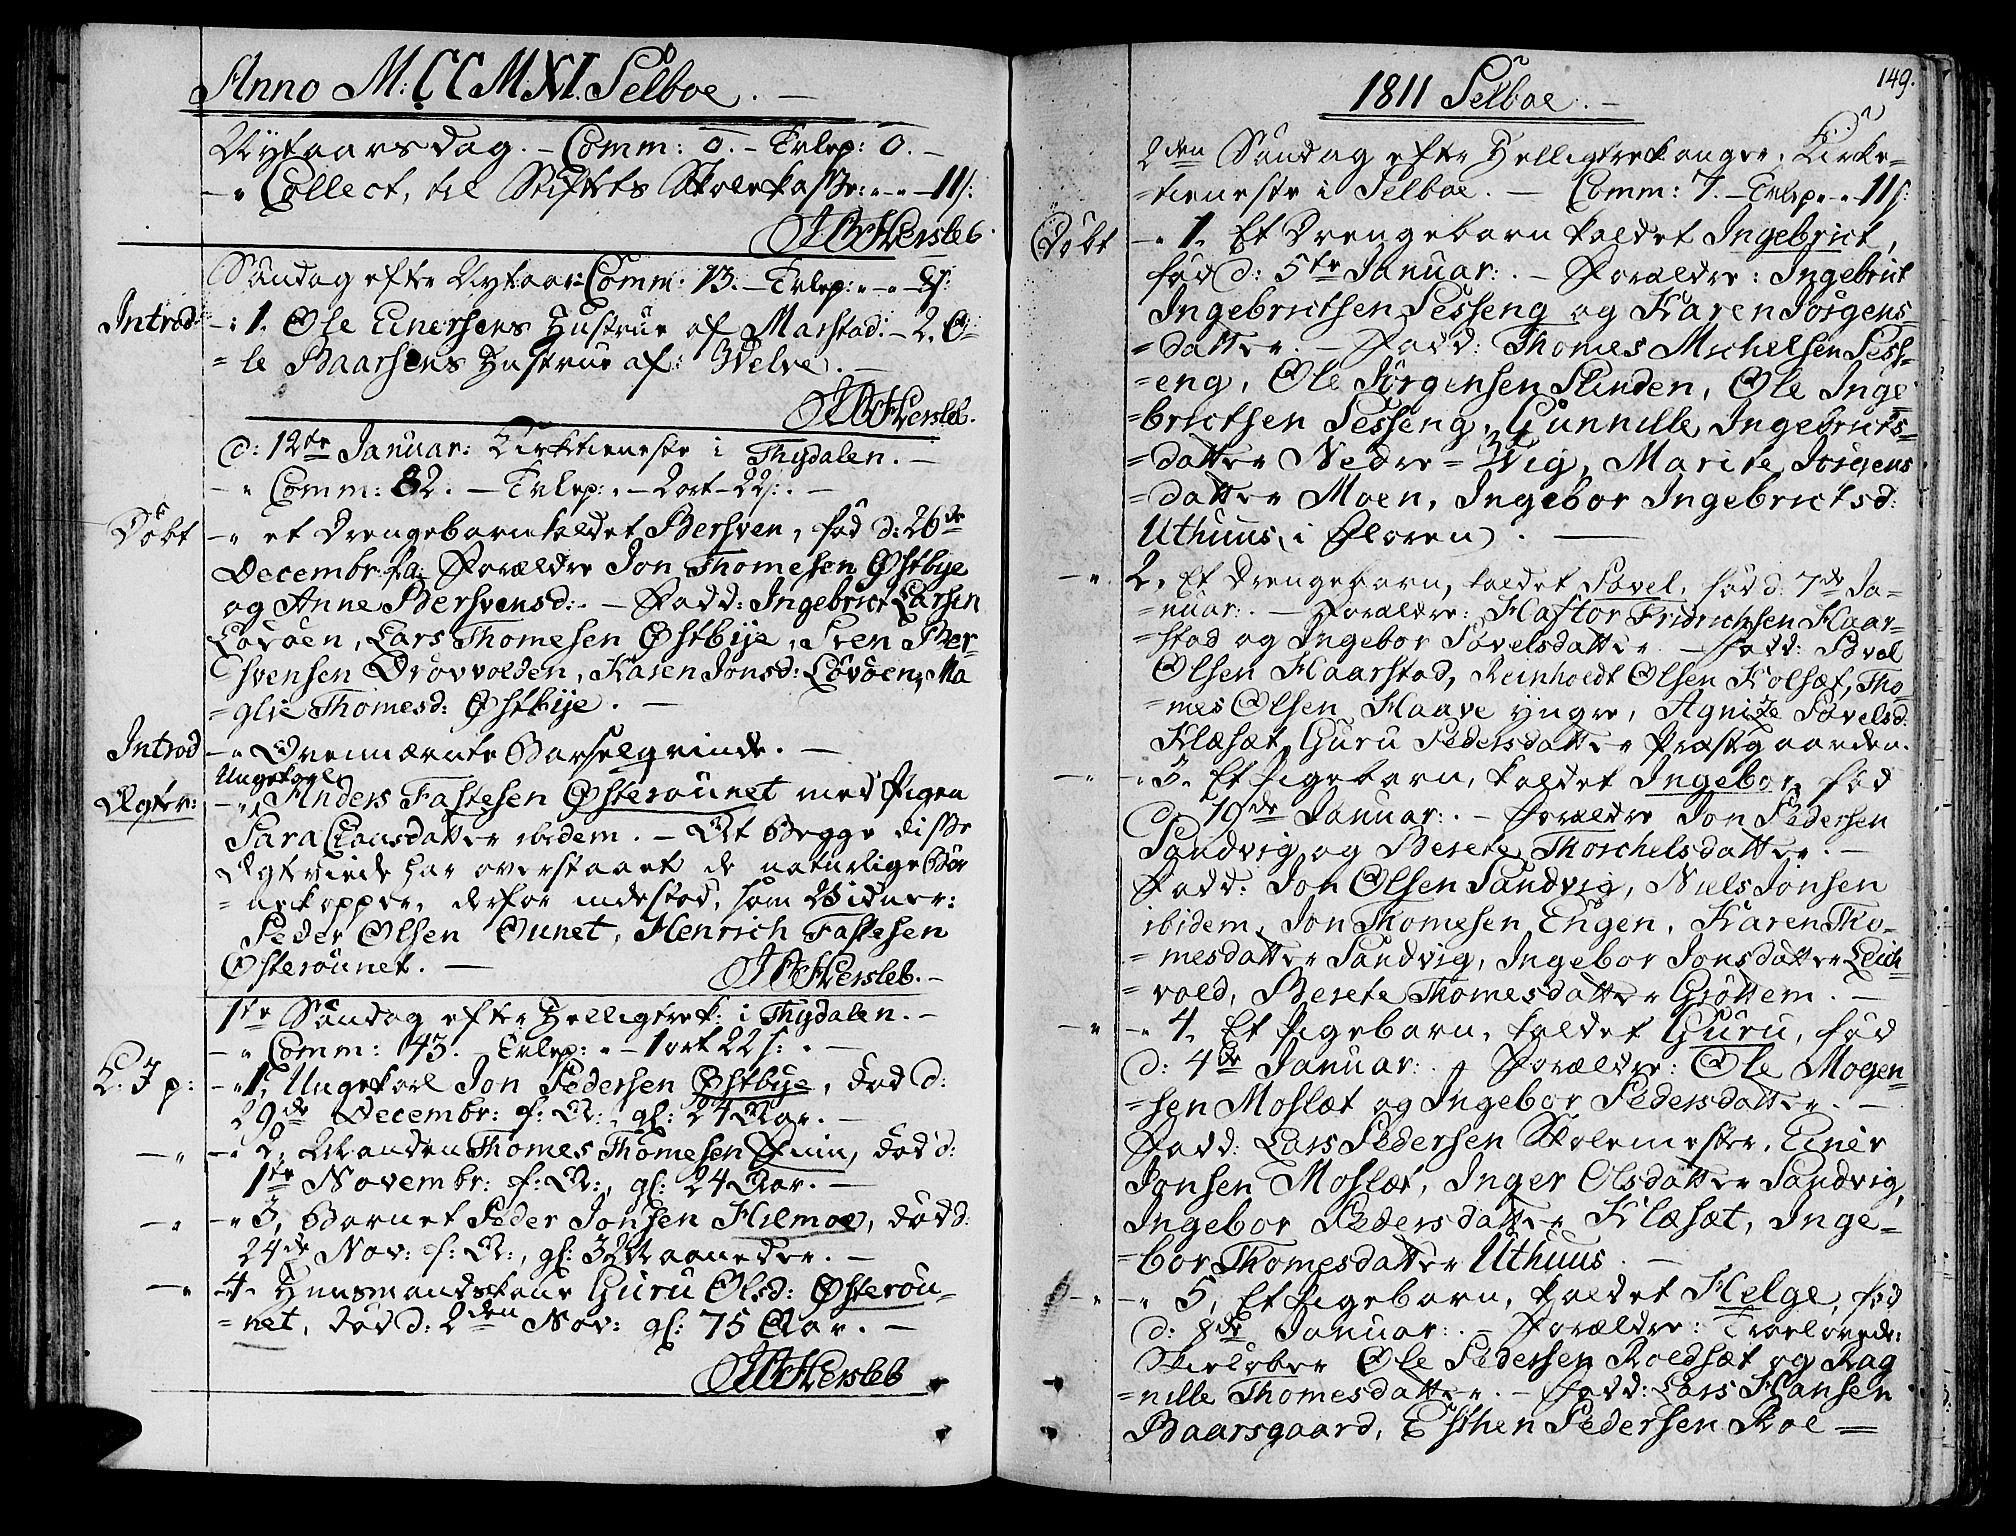 SAT, Ministerialprotokoller, klokkerbøker og fødselsregistre - Sør-Trøndelag, 695/L1140: Ministerialbok nr. 695A03, 1801-1815, s. 149